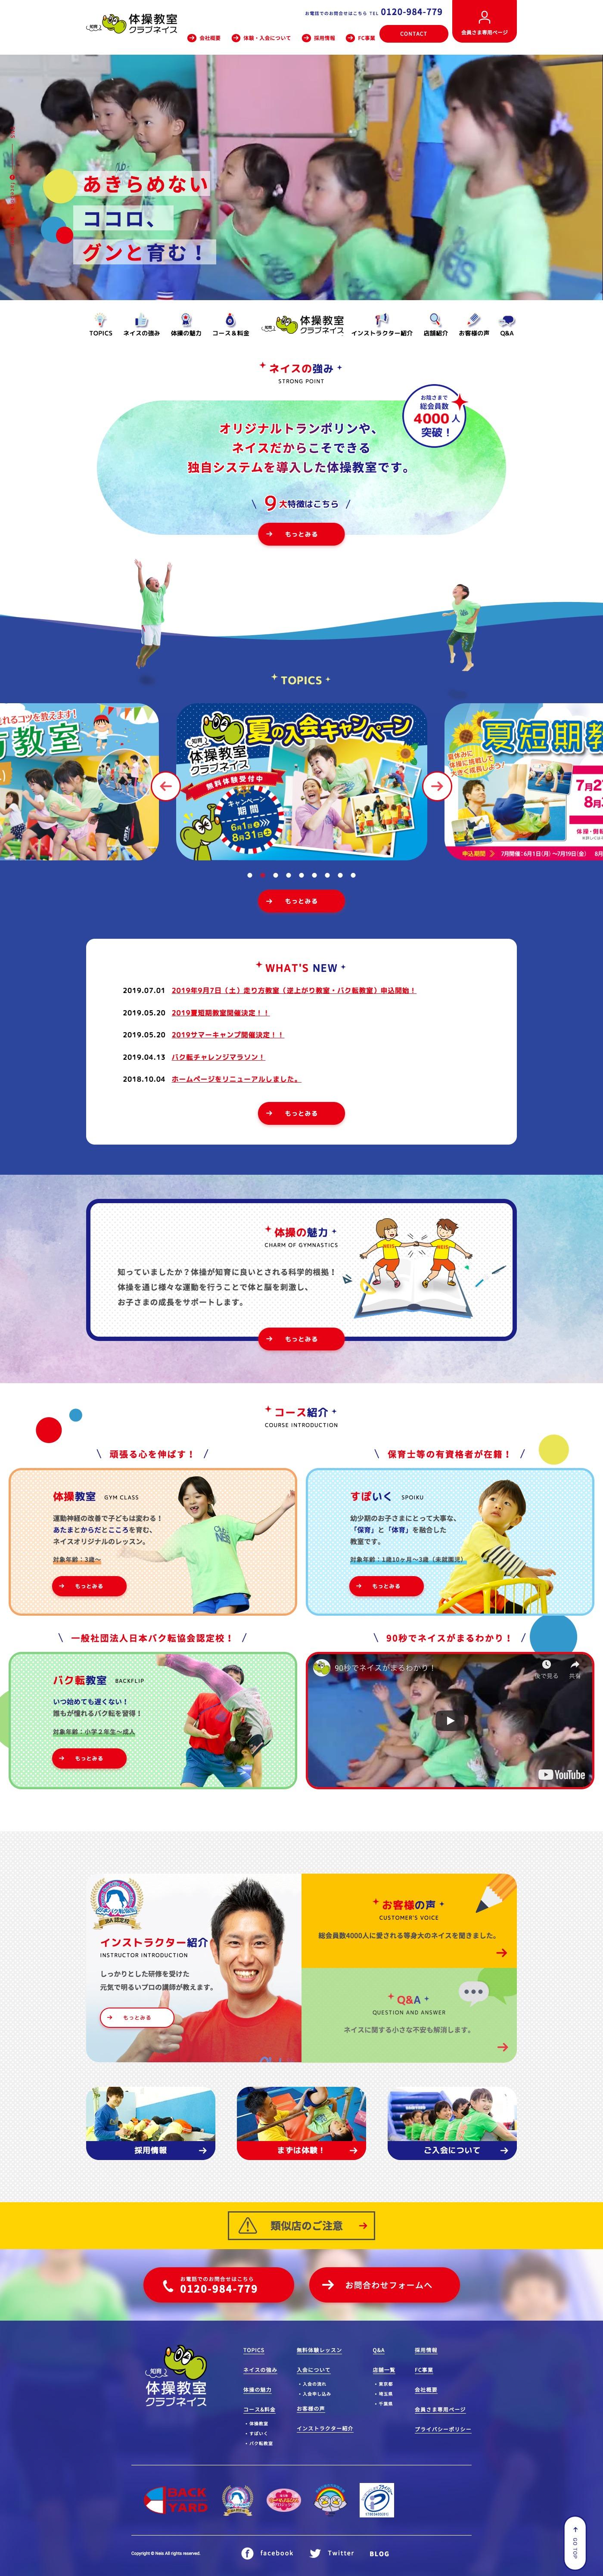 ホームページ制作実績ネイス株式会社様 コーポレートサイト